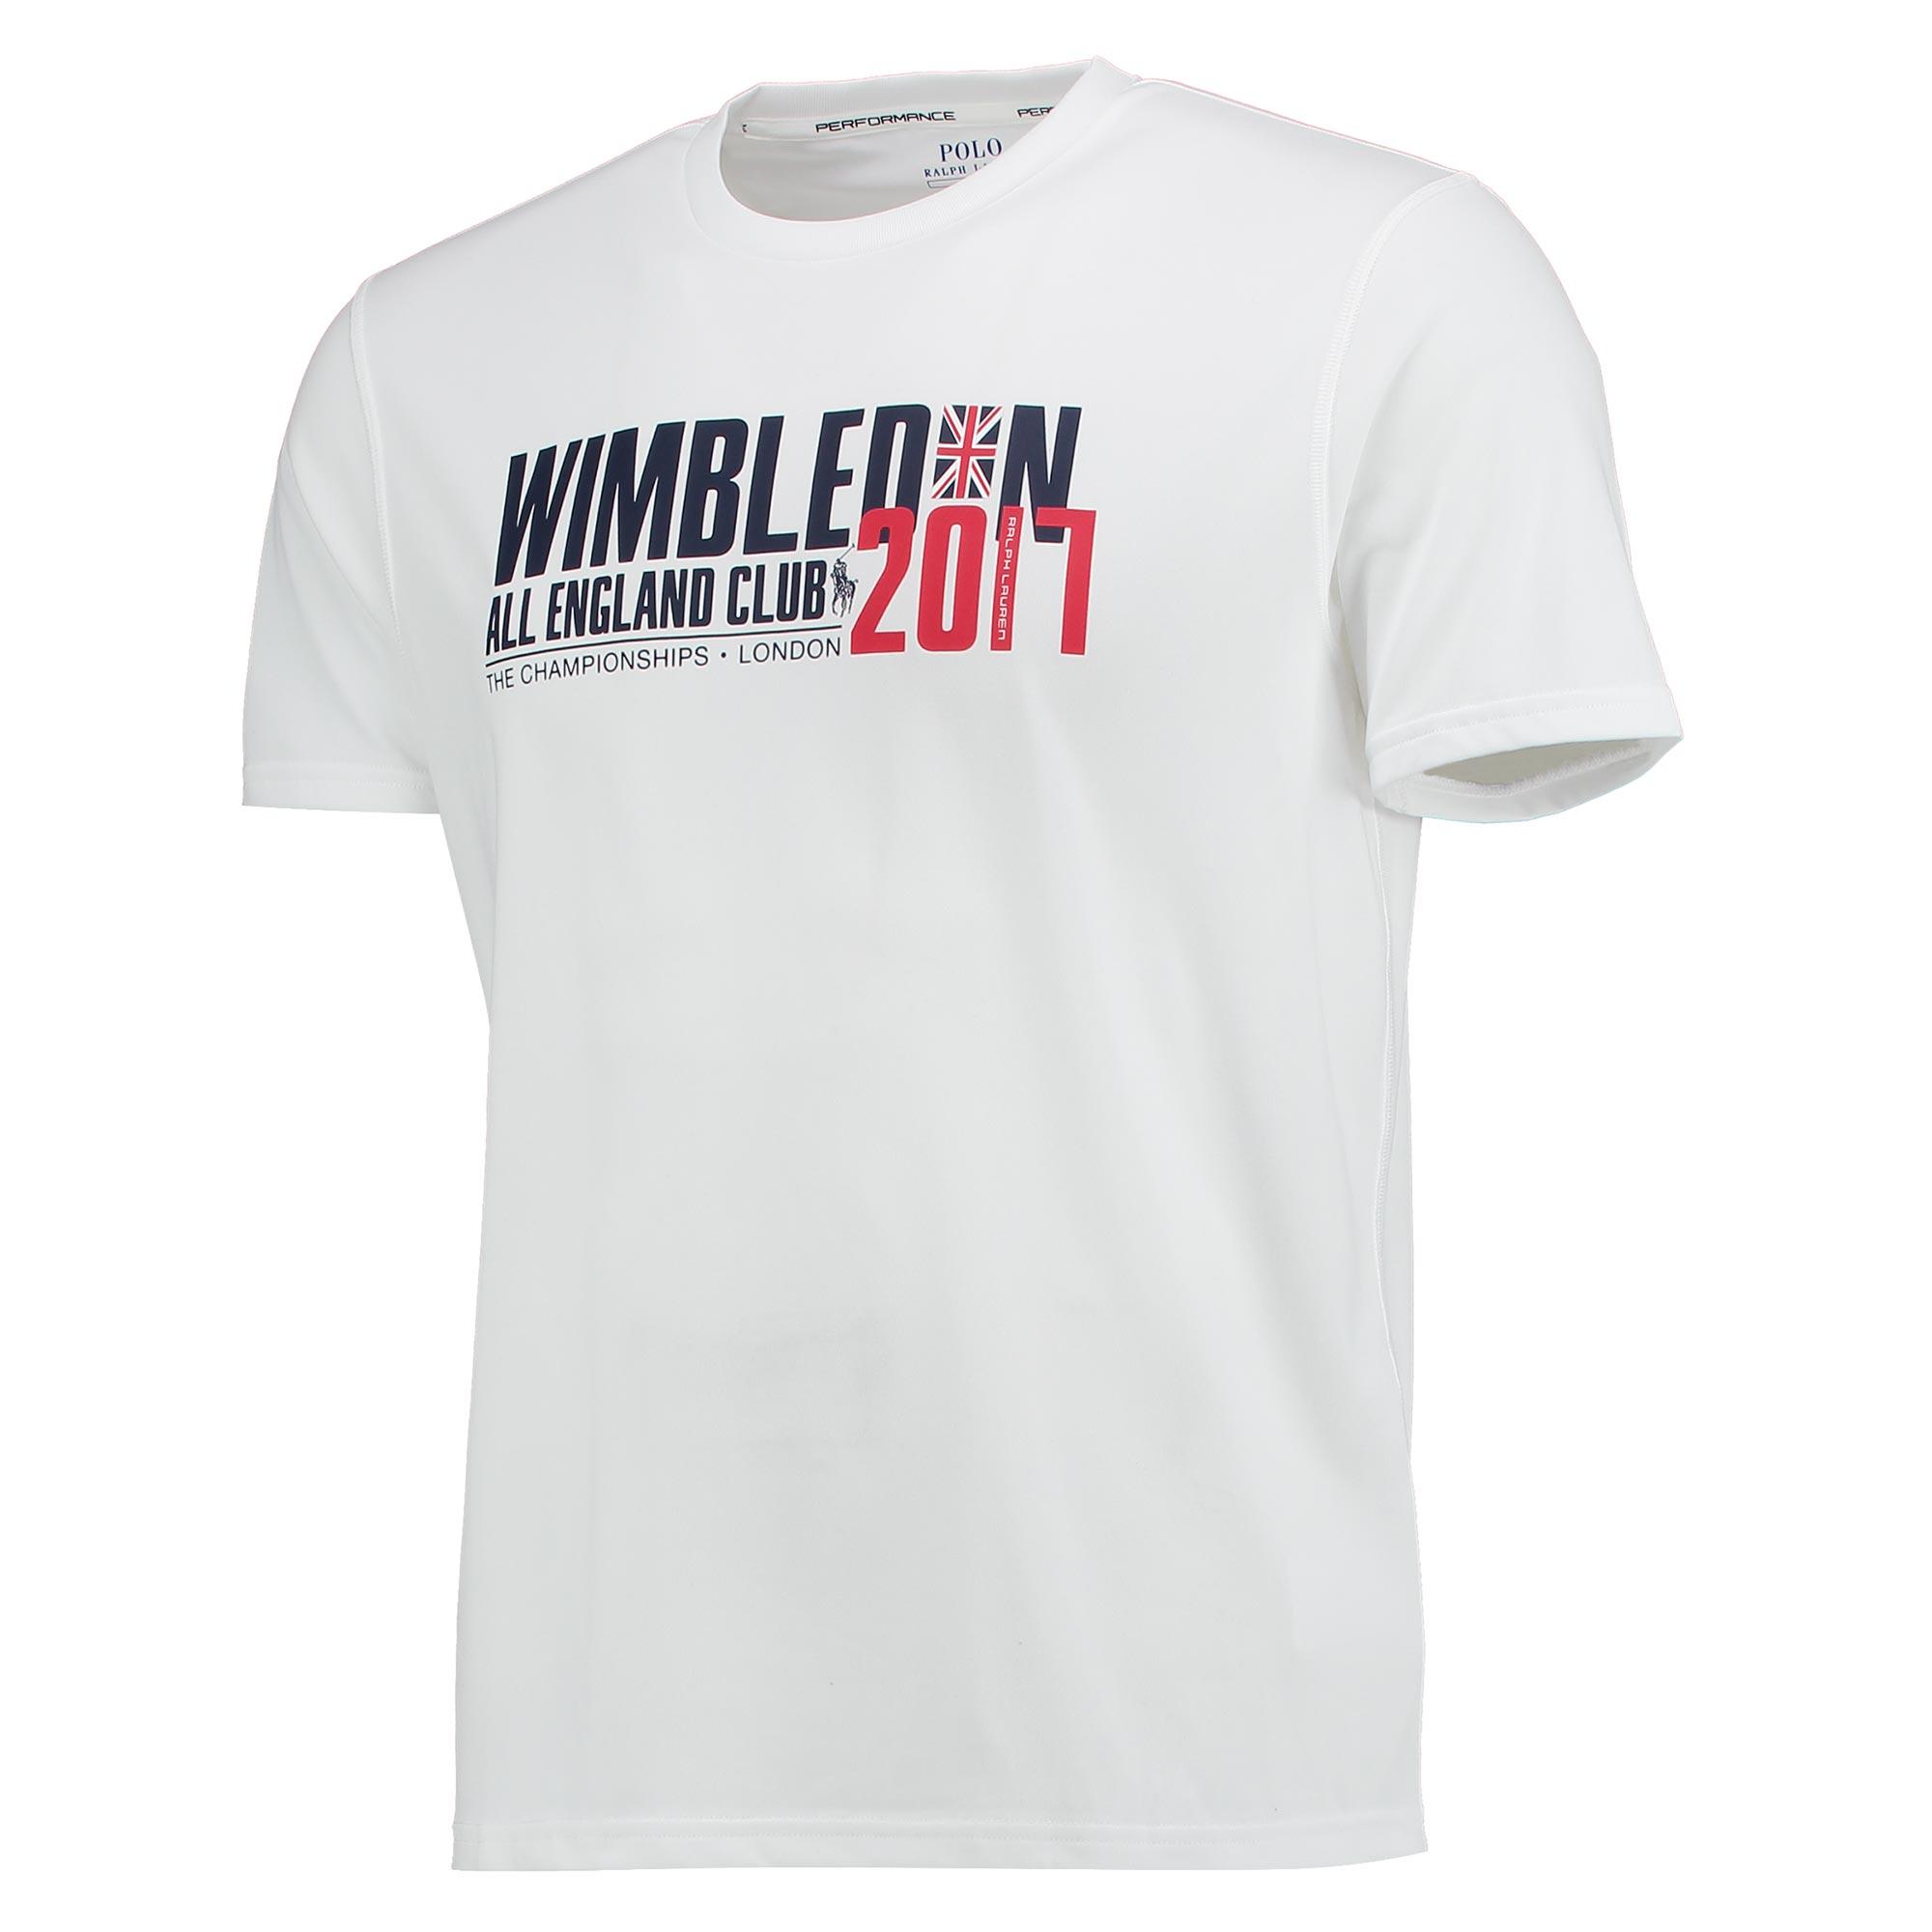 Wimbledon Ralph Lauren Performance T-Shirt - White